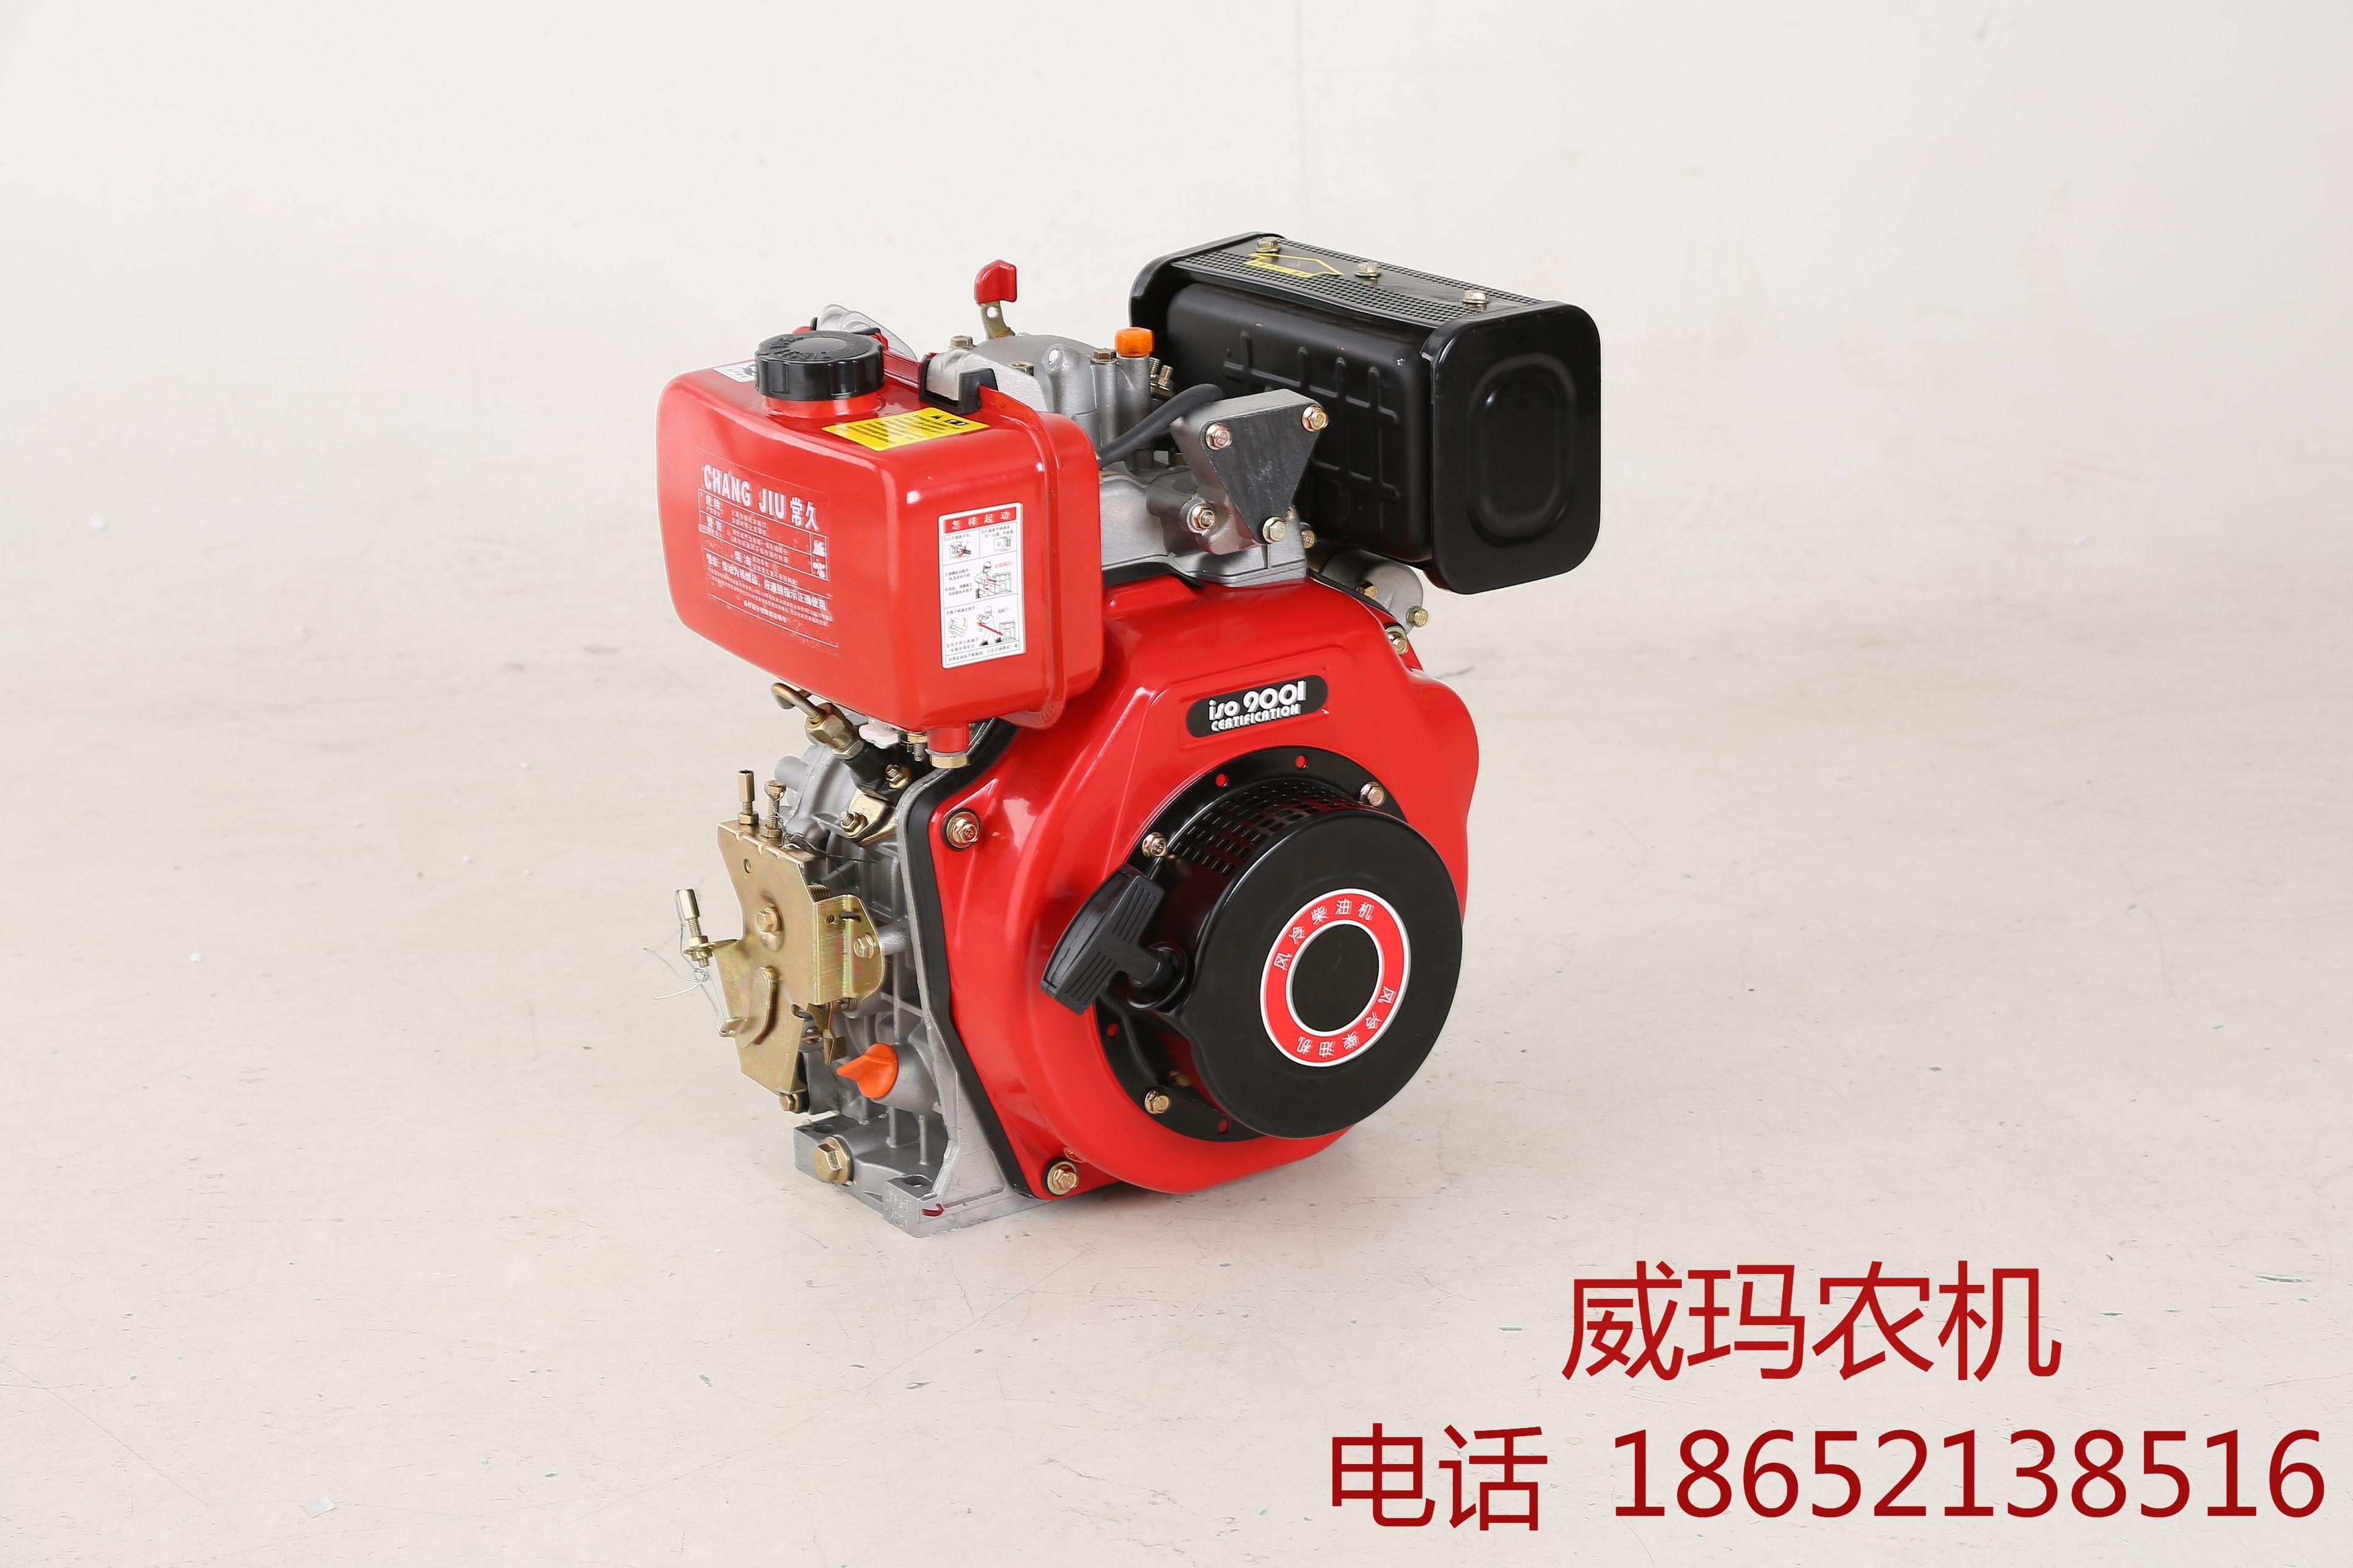 Micro tiller air-cooled diesel engine 170F head 173F diesel engine 2KW generator power 5 6 horsepower head